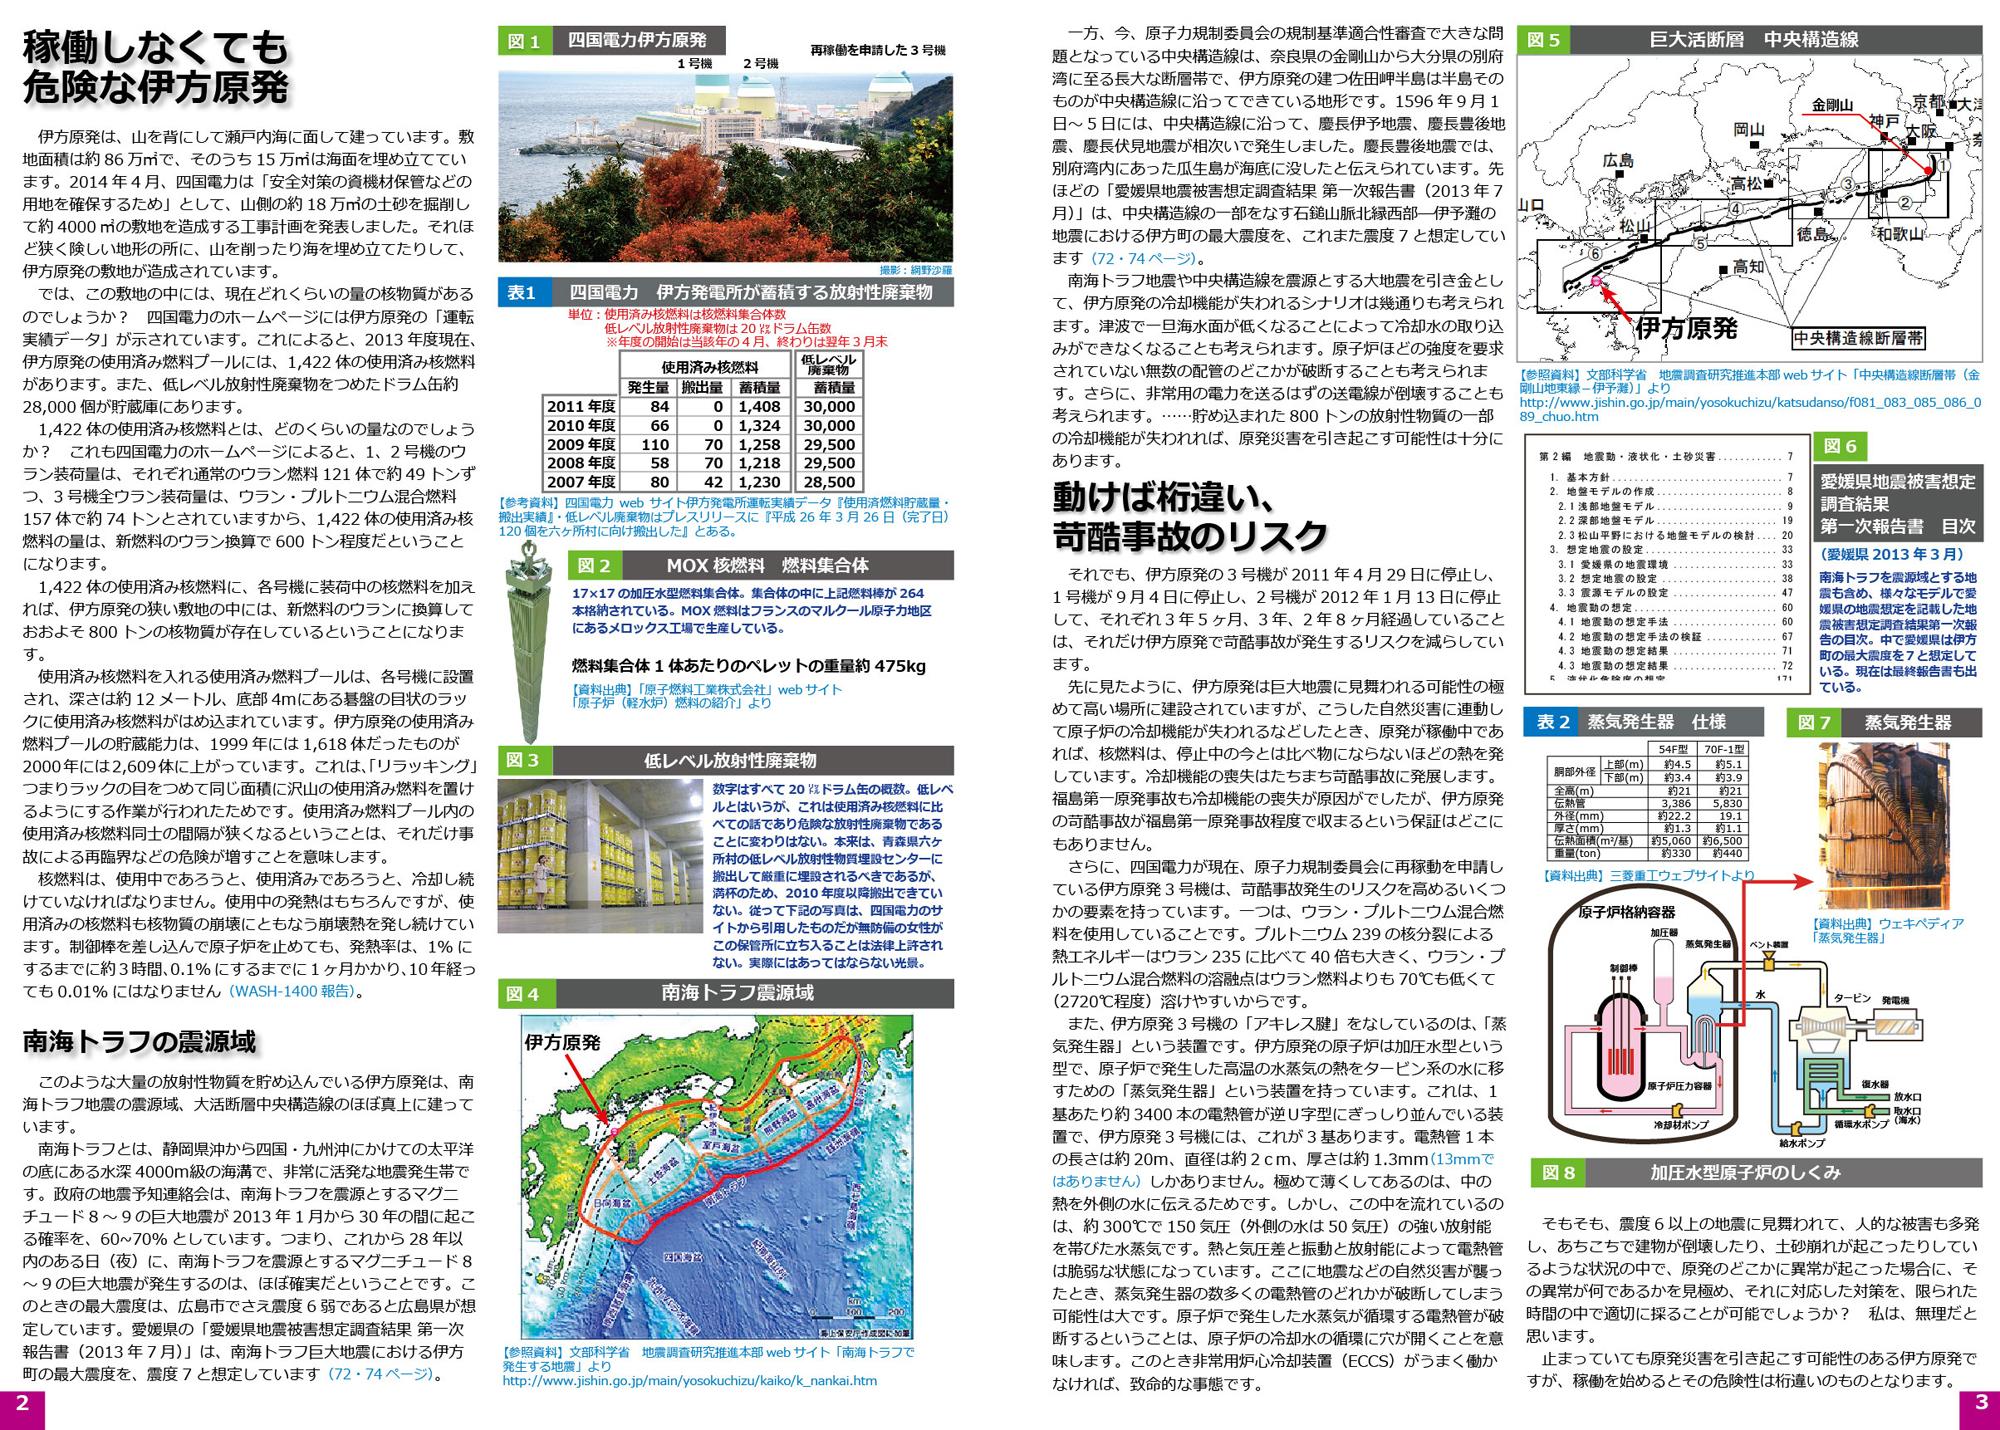 ファイル 36-2.jpg